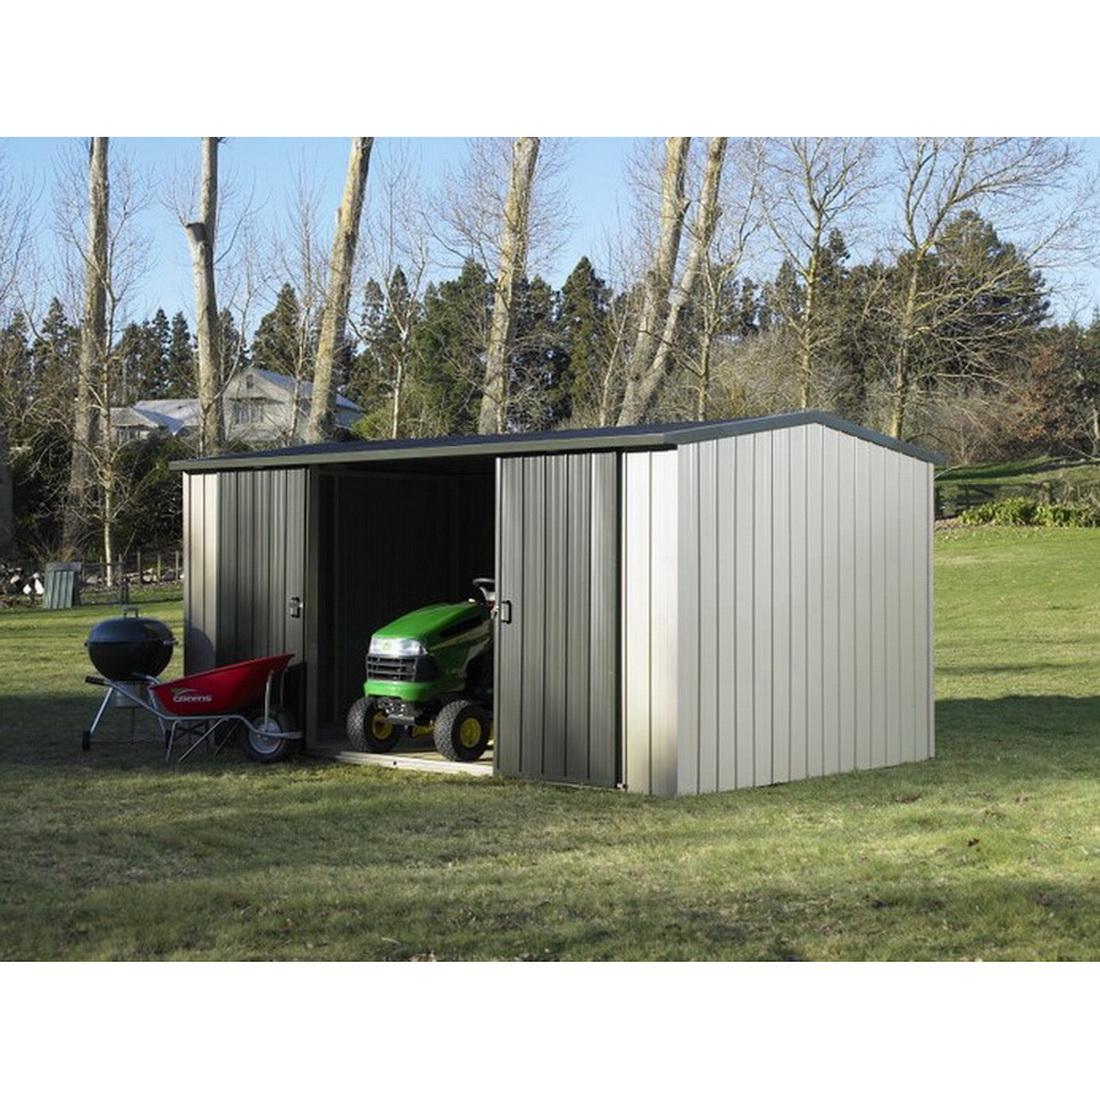 Kiwi Colour Kitset Garden Shed 4.21 x 2.545 x 2.11m